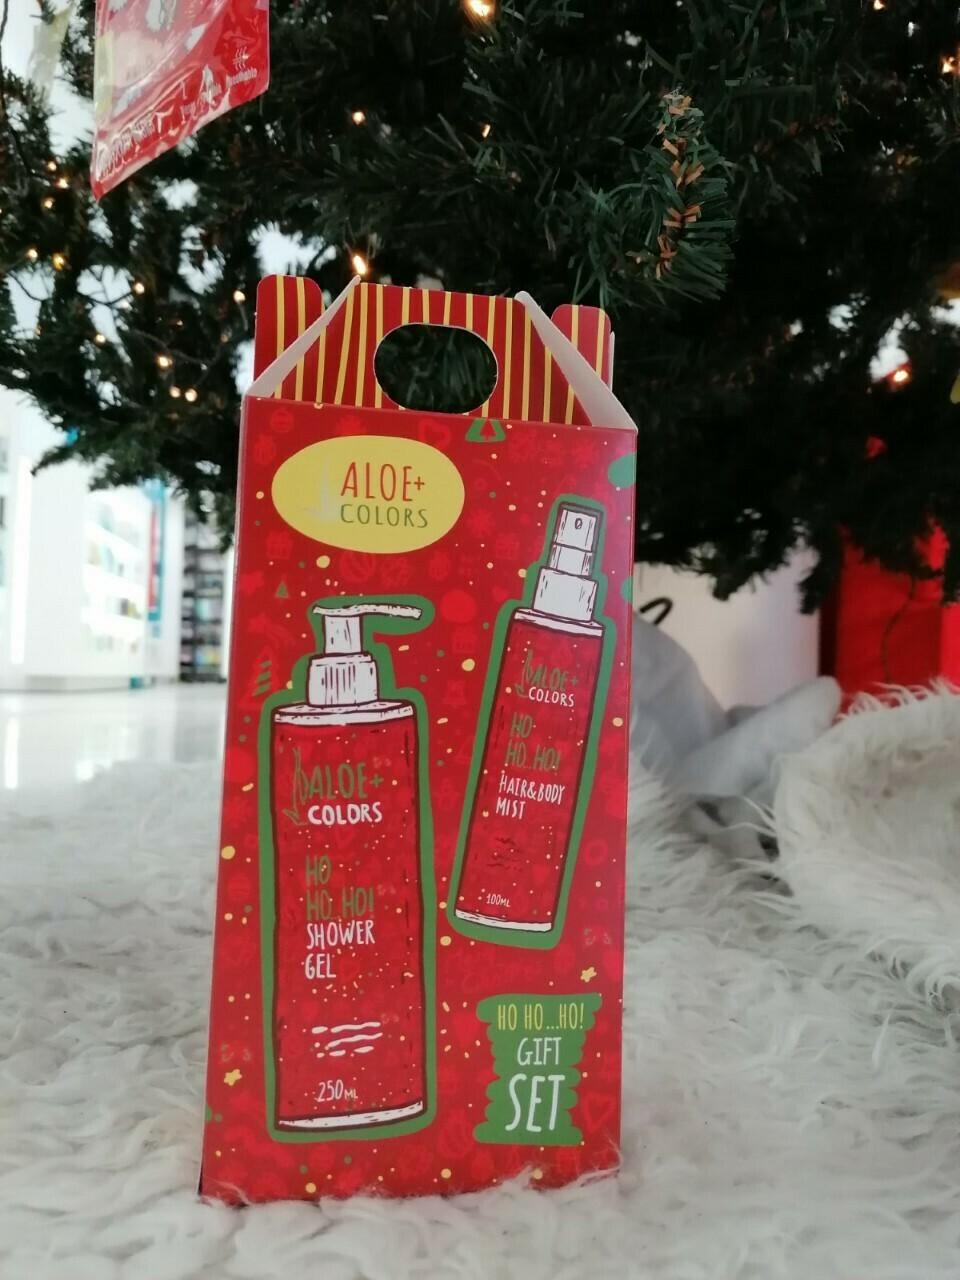 Aloe+Colors Gift Set Ho Ho Ho Shower Gel 250ml & Ho Ho Ho Hair&Body Mist 100ml